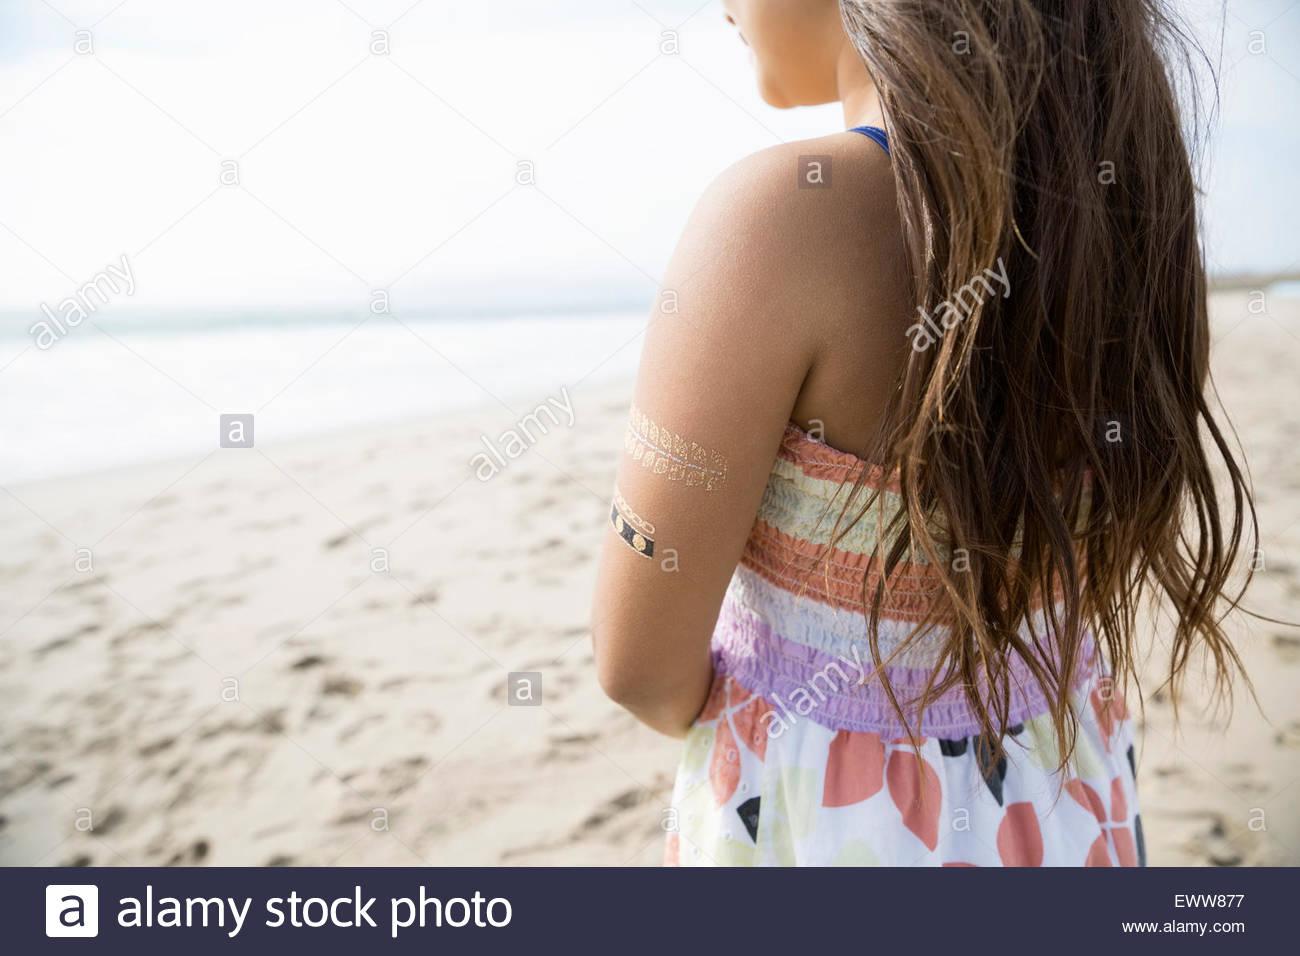 Pensativo chica con tatuajes de henna en el brazo beach Imagen De Stock